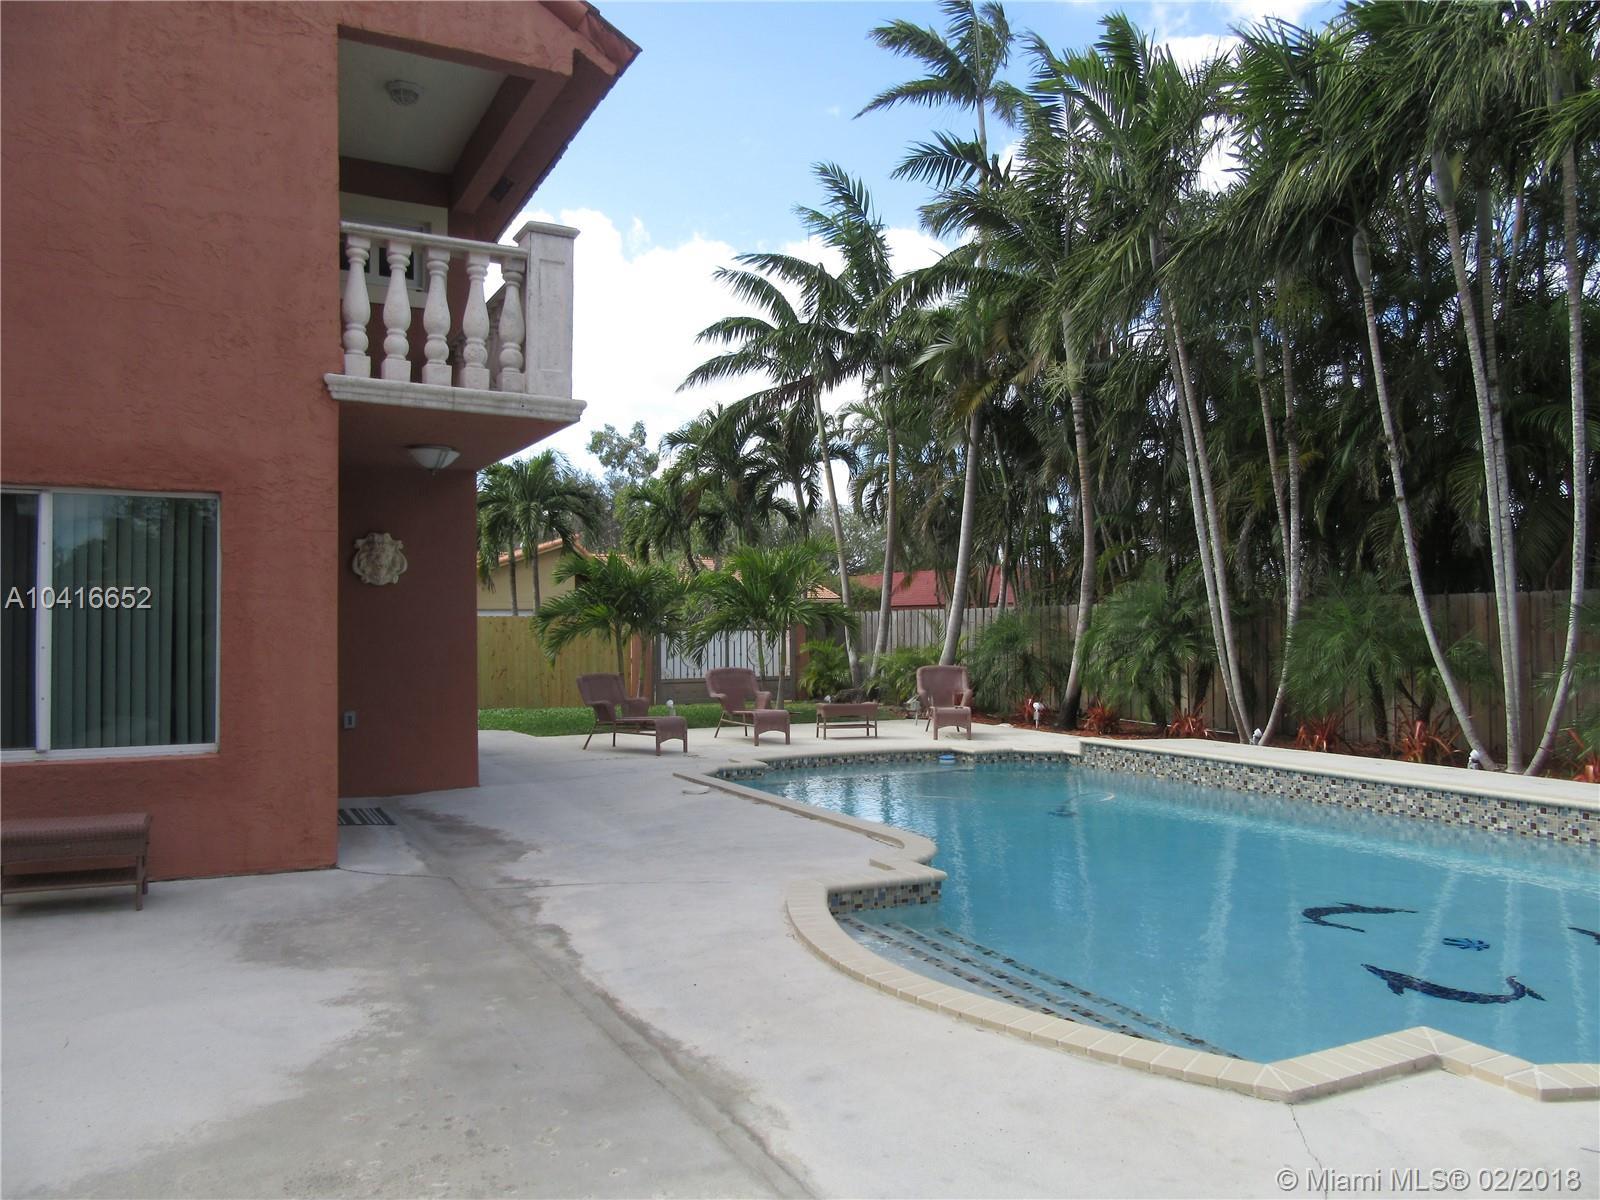 9995 Sw 31st Ter, Miami FL, 33165